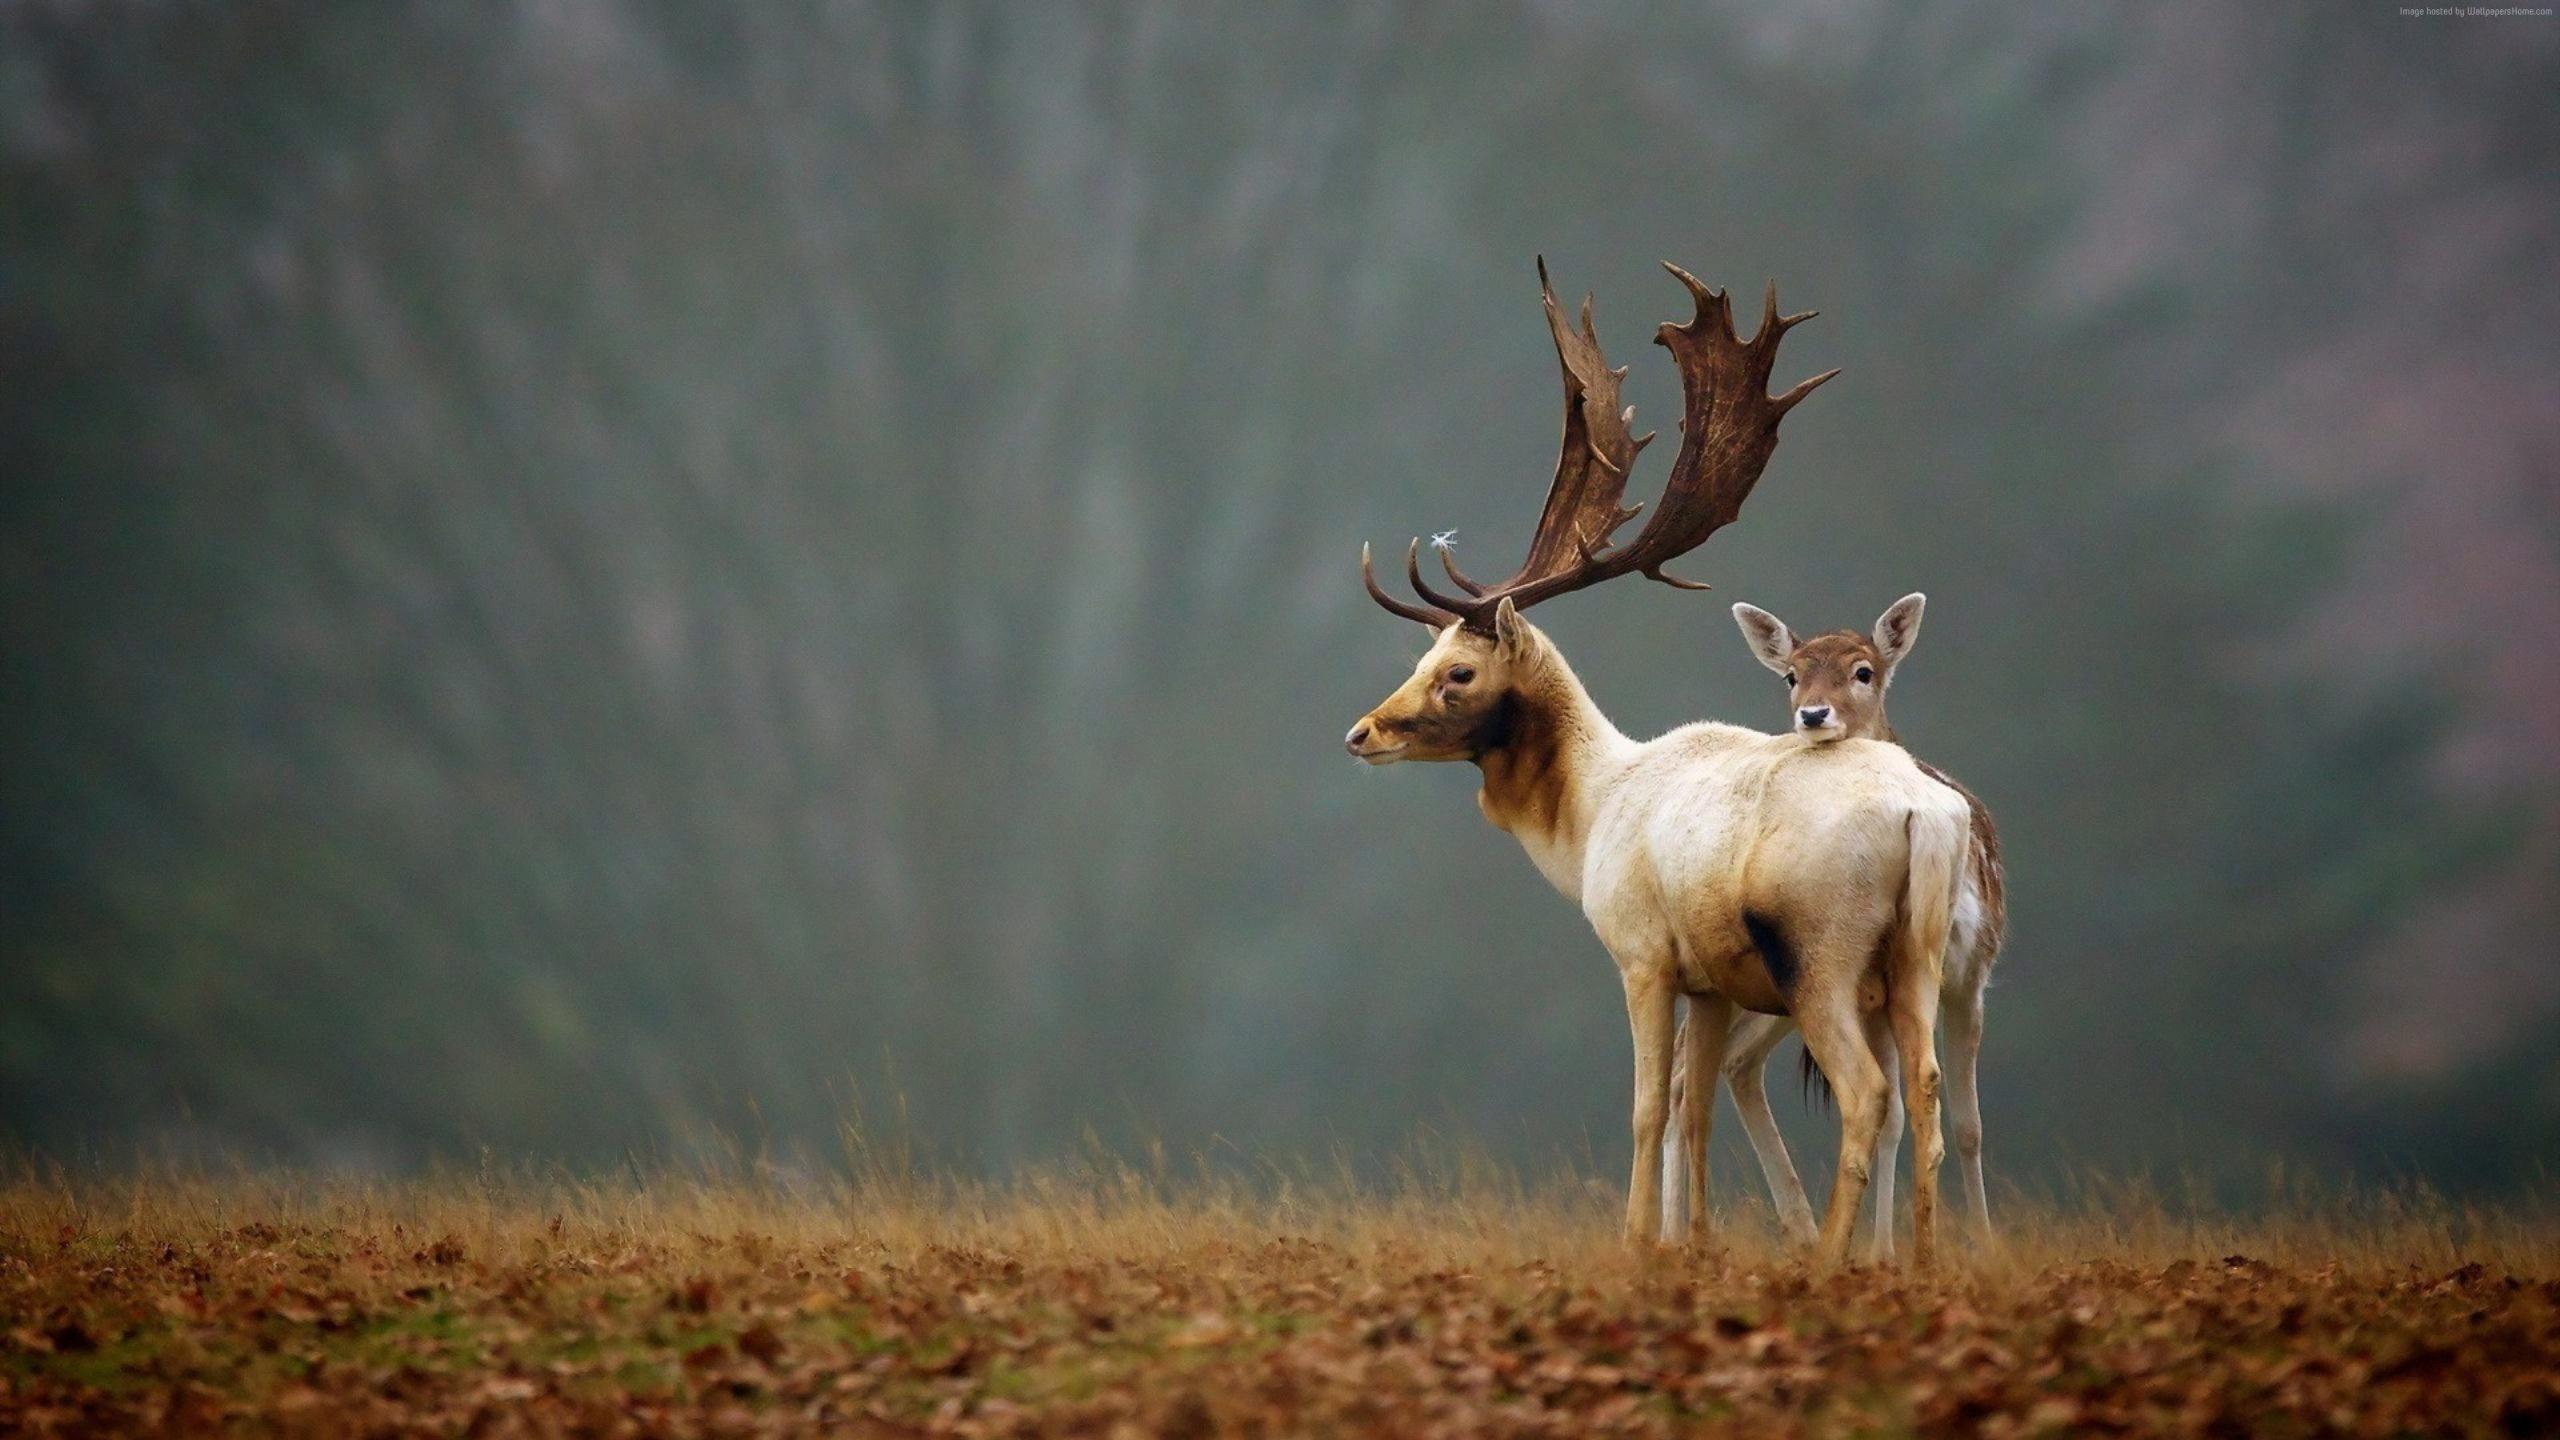 deer head wallpaper